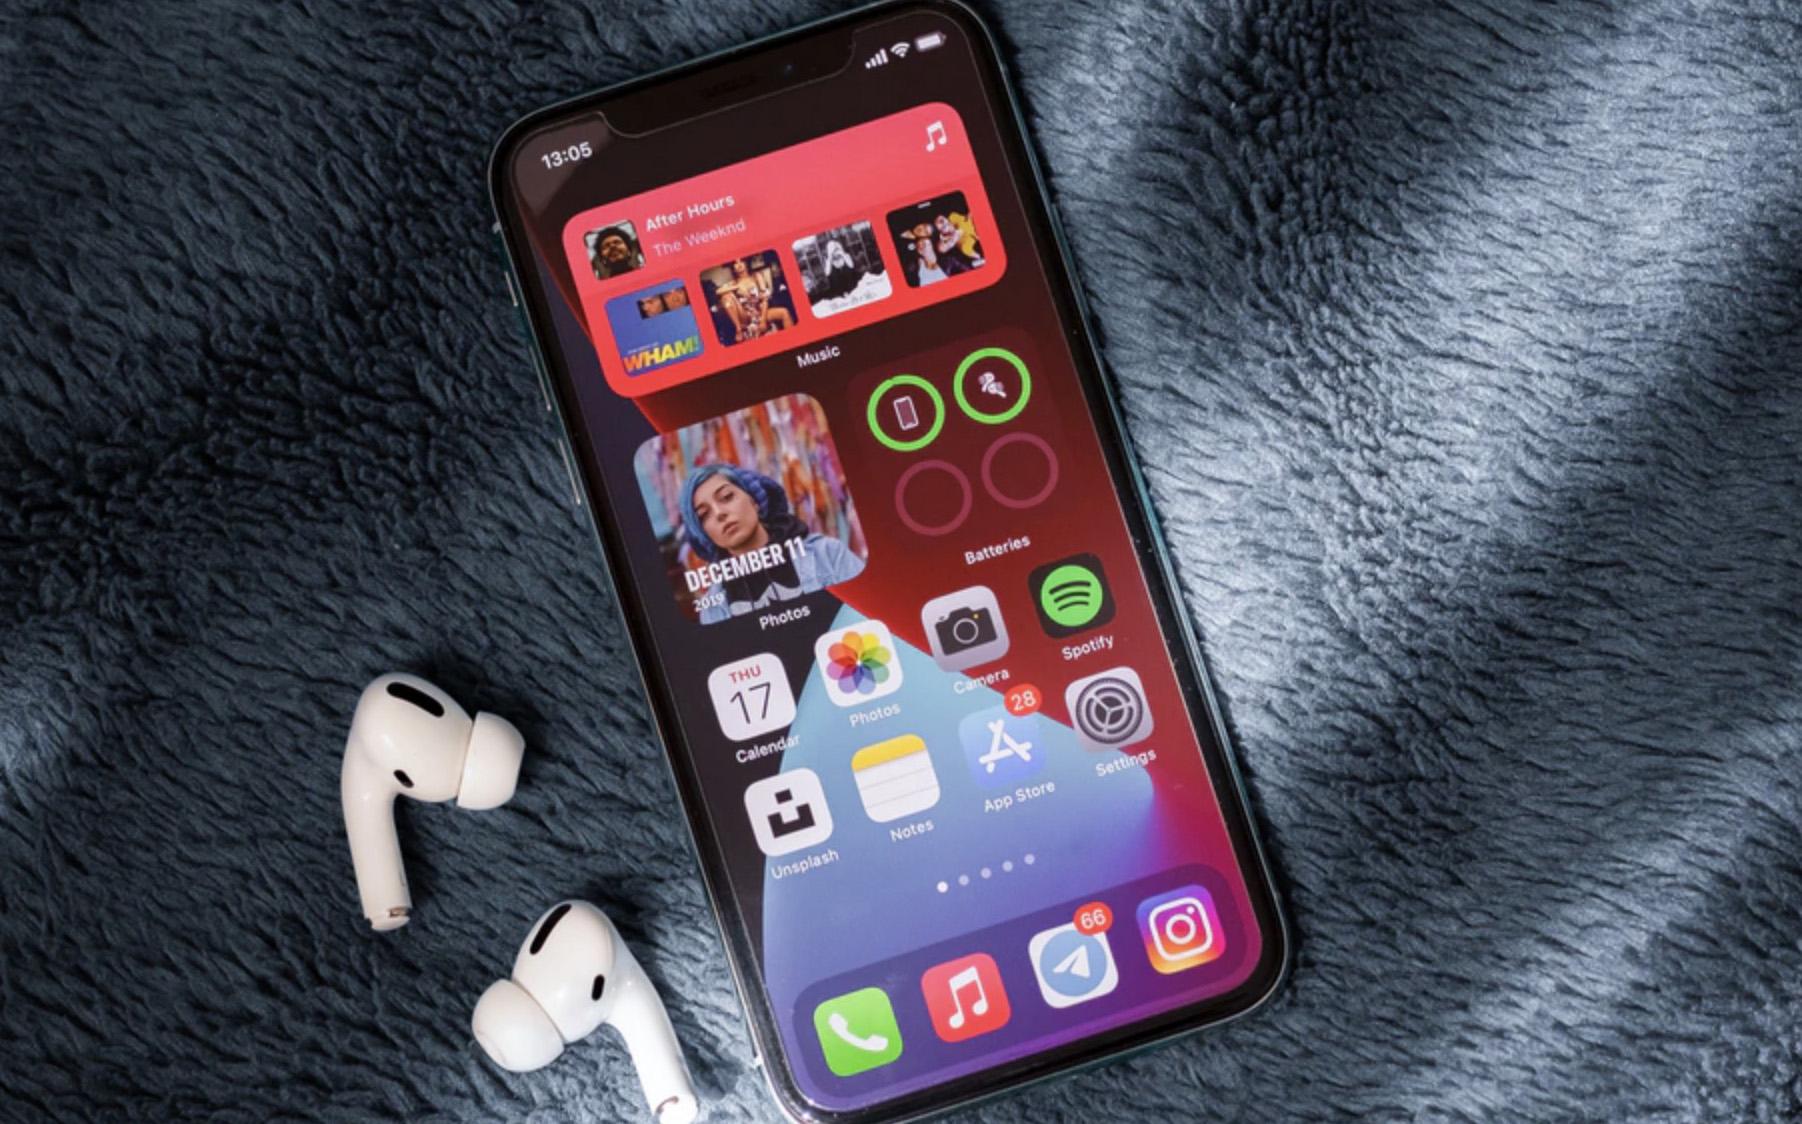 爆料称为让iPhone 12 mini更平价 苹果采用功能打折的B14芯片